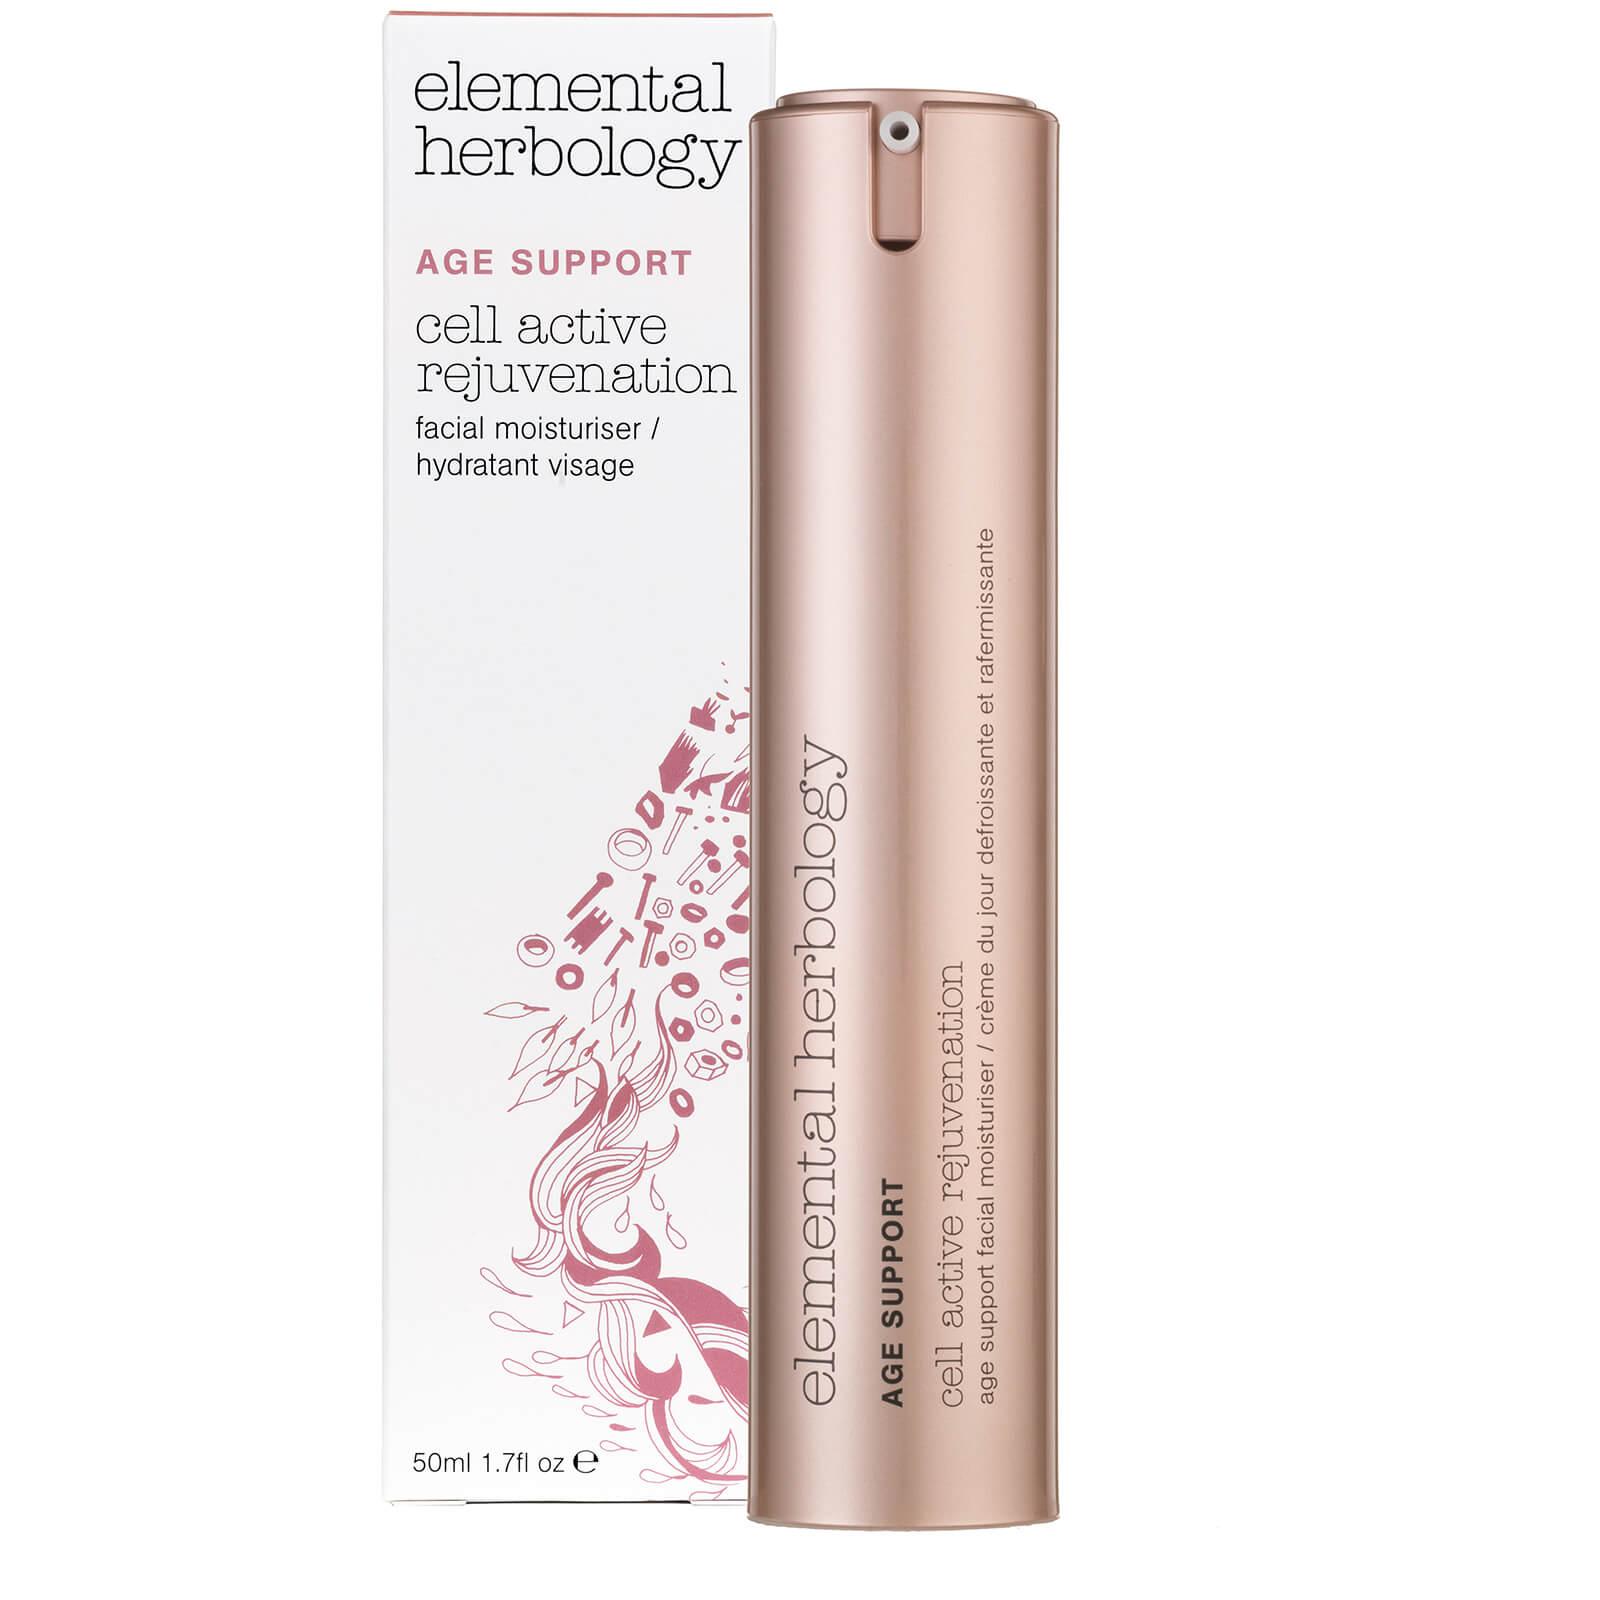 Антивозрастной увлажняющий крем для лица Elemental Herbology Cell Active Rejuvenation Age Support Facial Moisturiser - 50 мл  - Купить